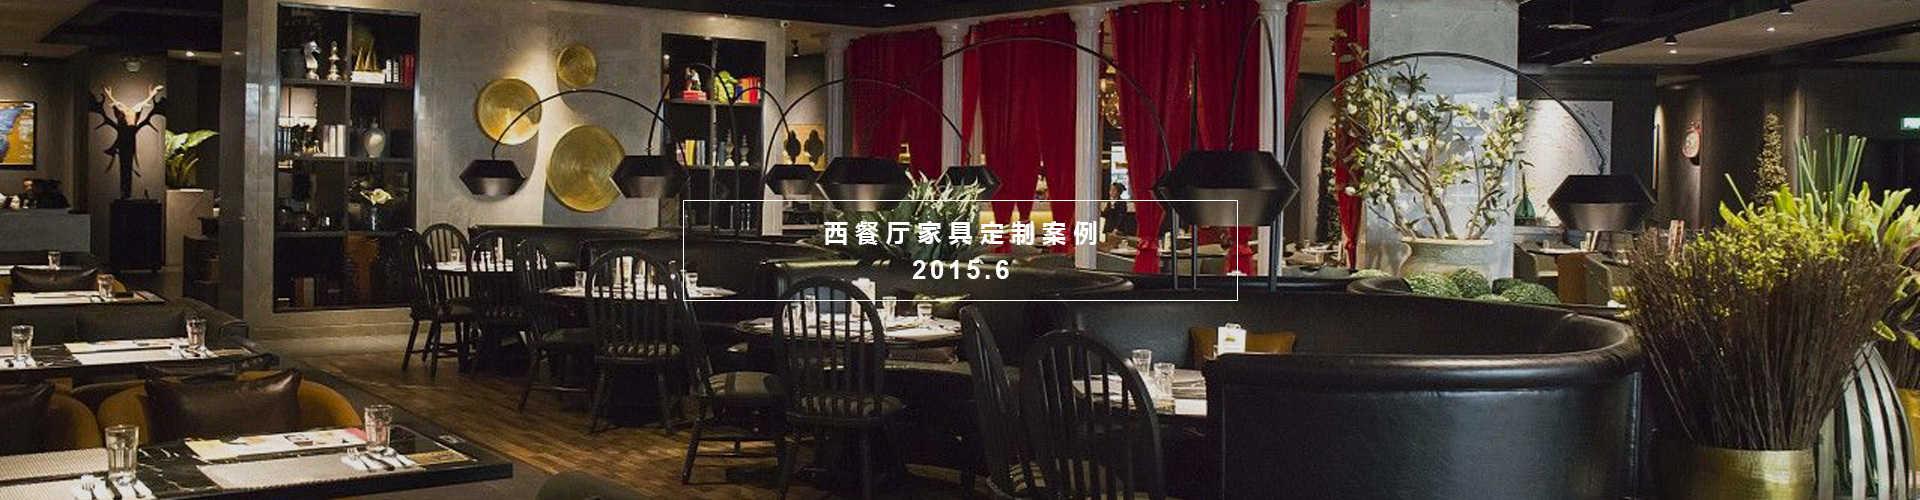 西餐厅家具定制案例